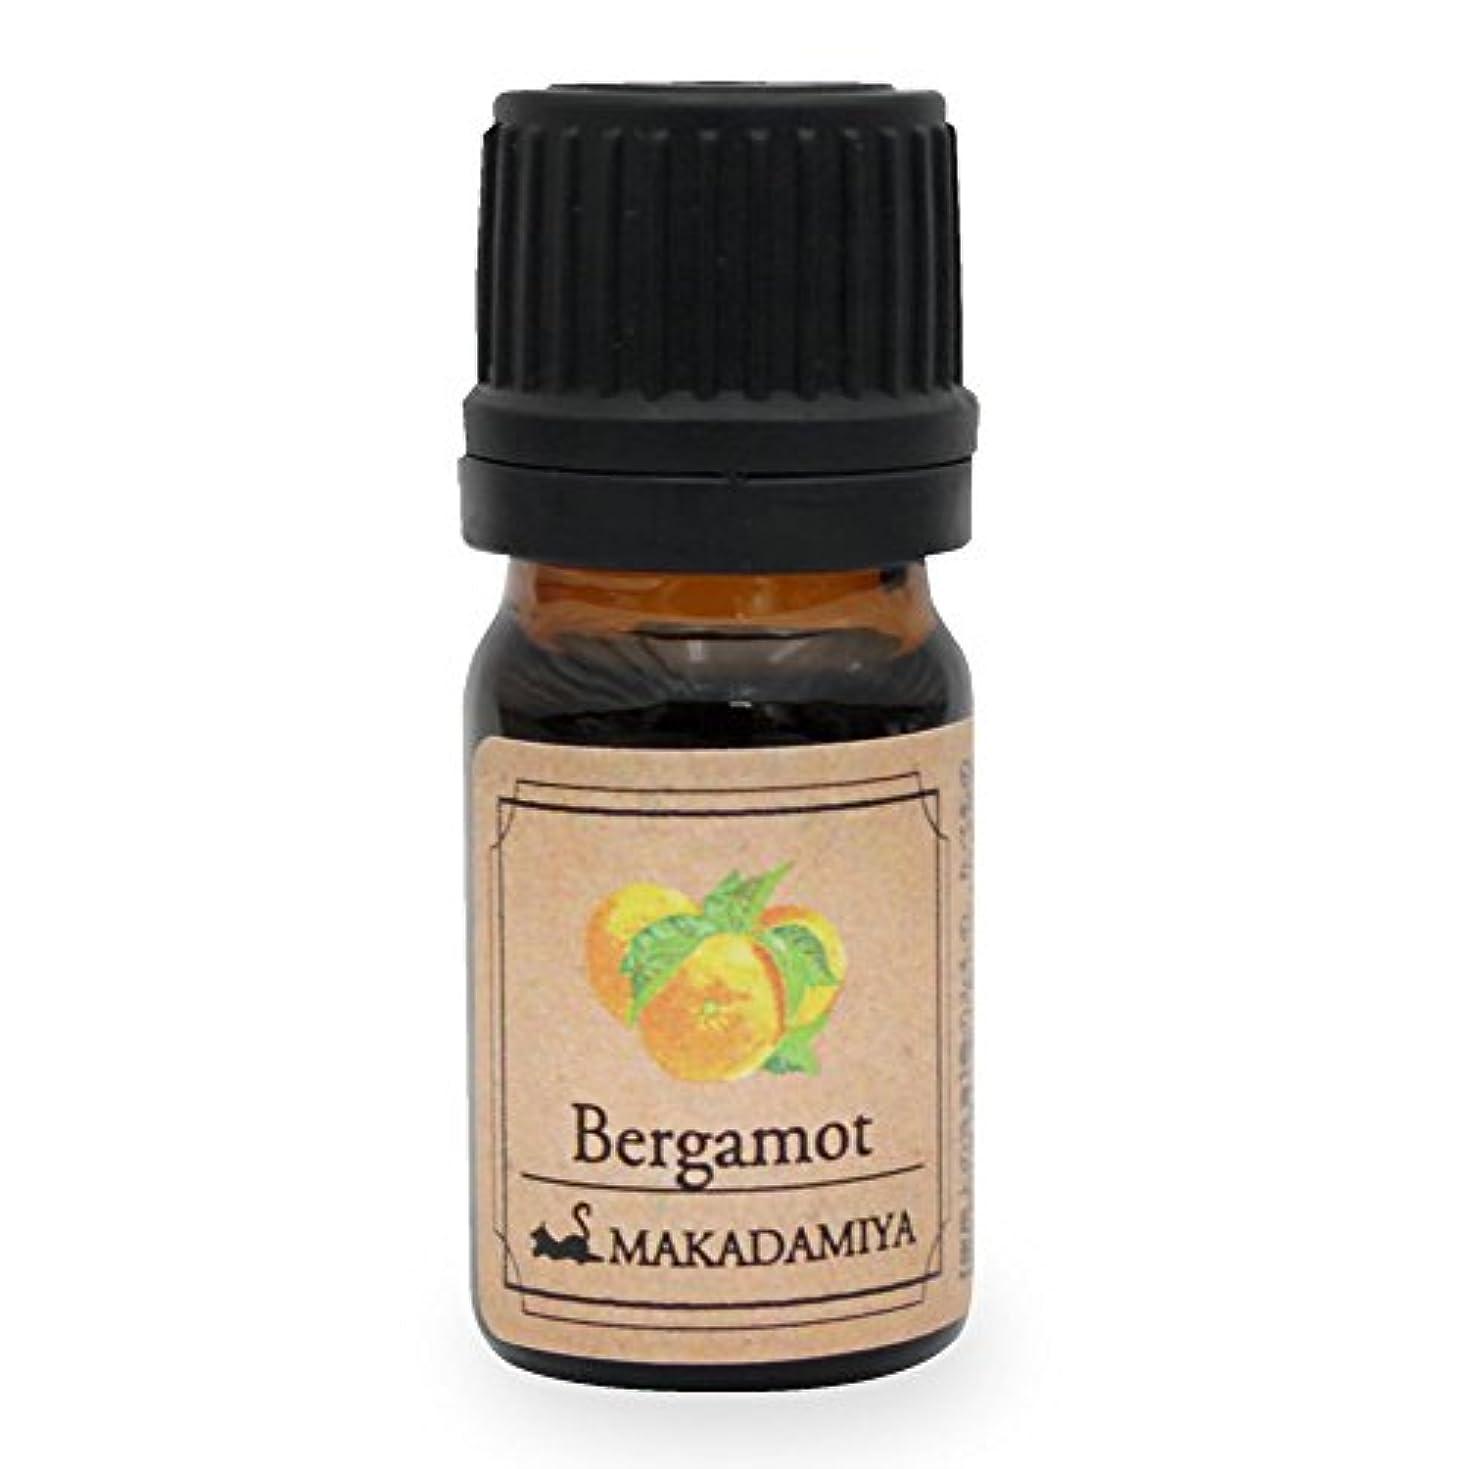 運ぶ肥沃な不毛のベルガモット5ml 天然100%植物性 エッセンシャルオイル(精油) アロマオイル アロママッサージ aroma Bergamot